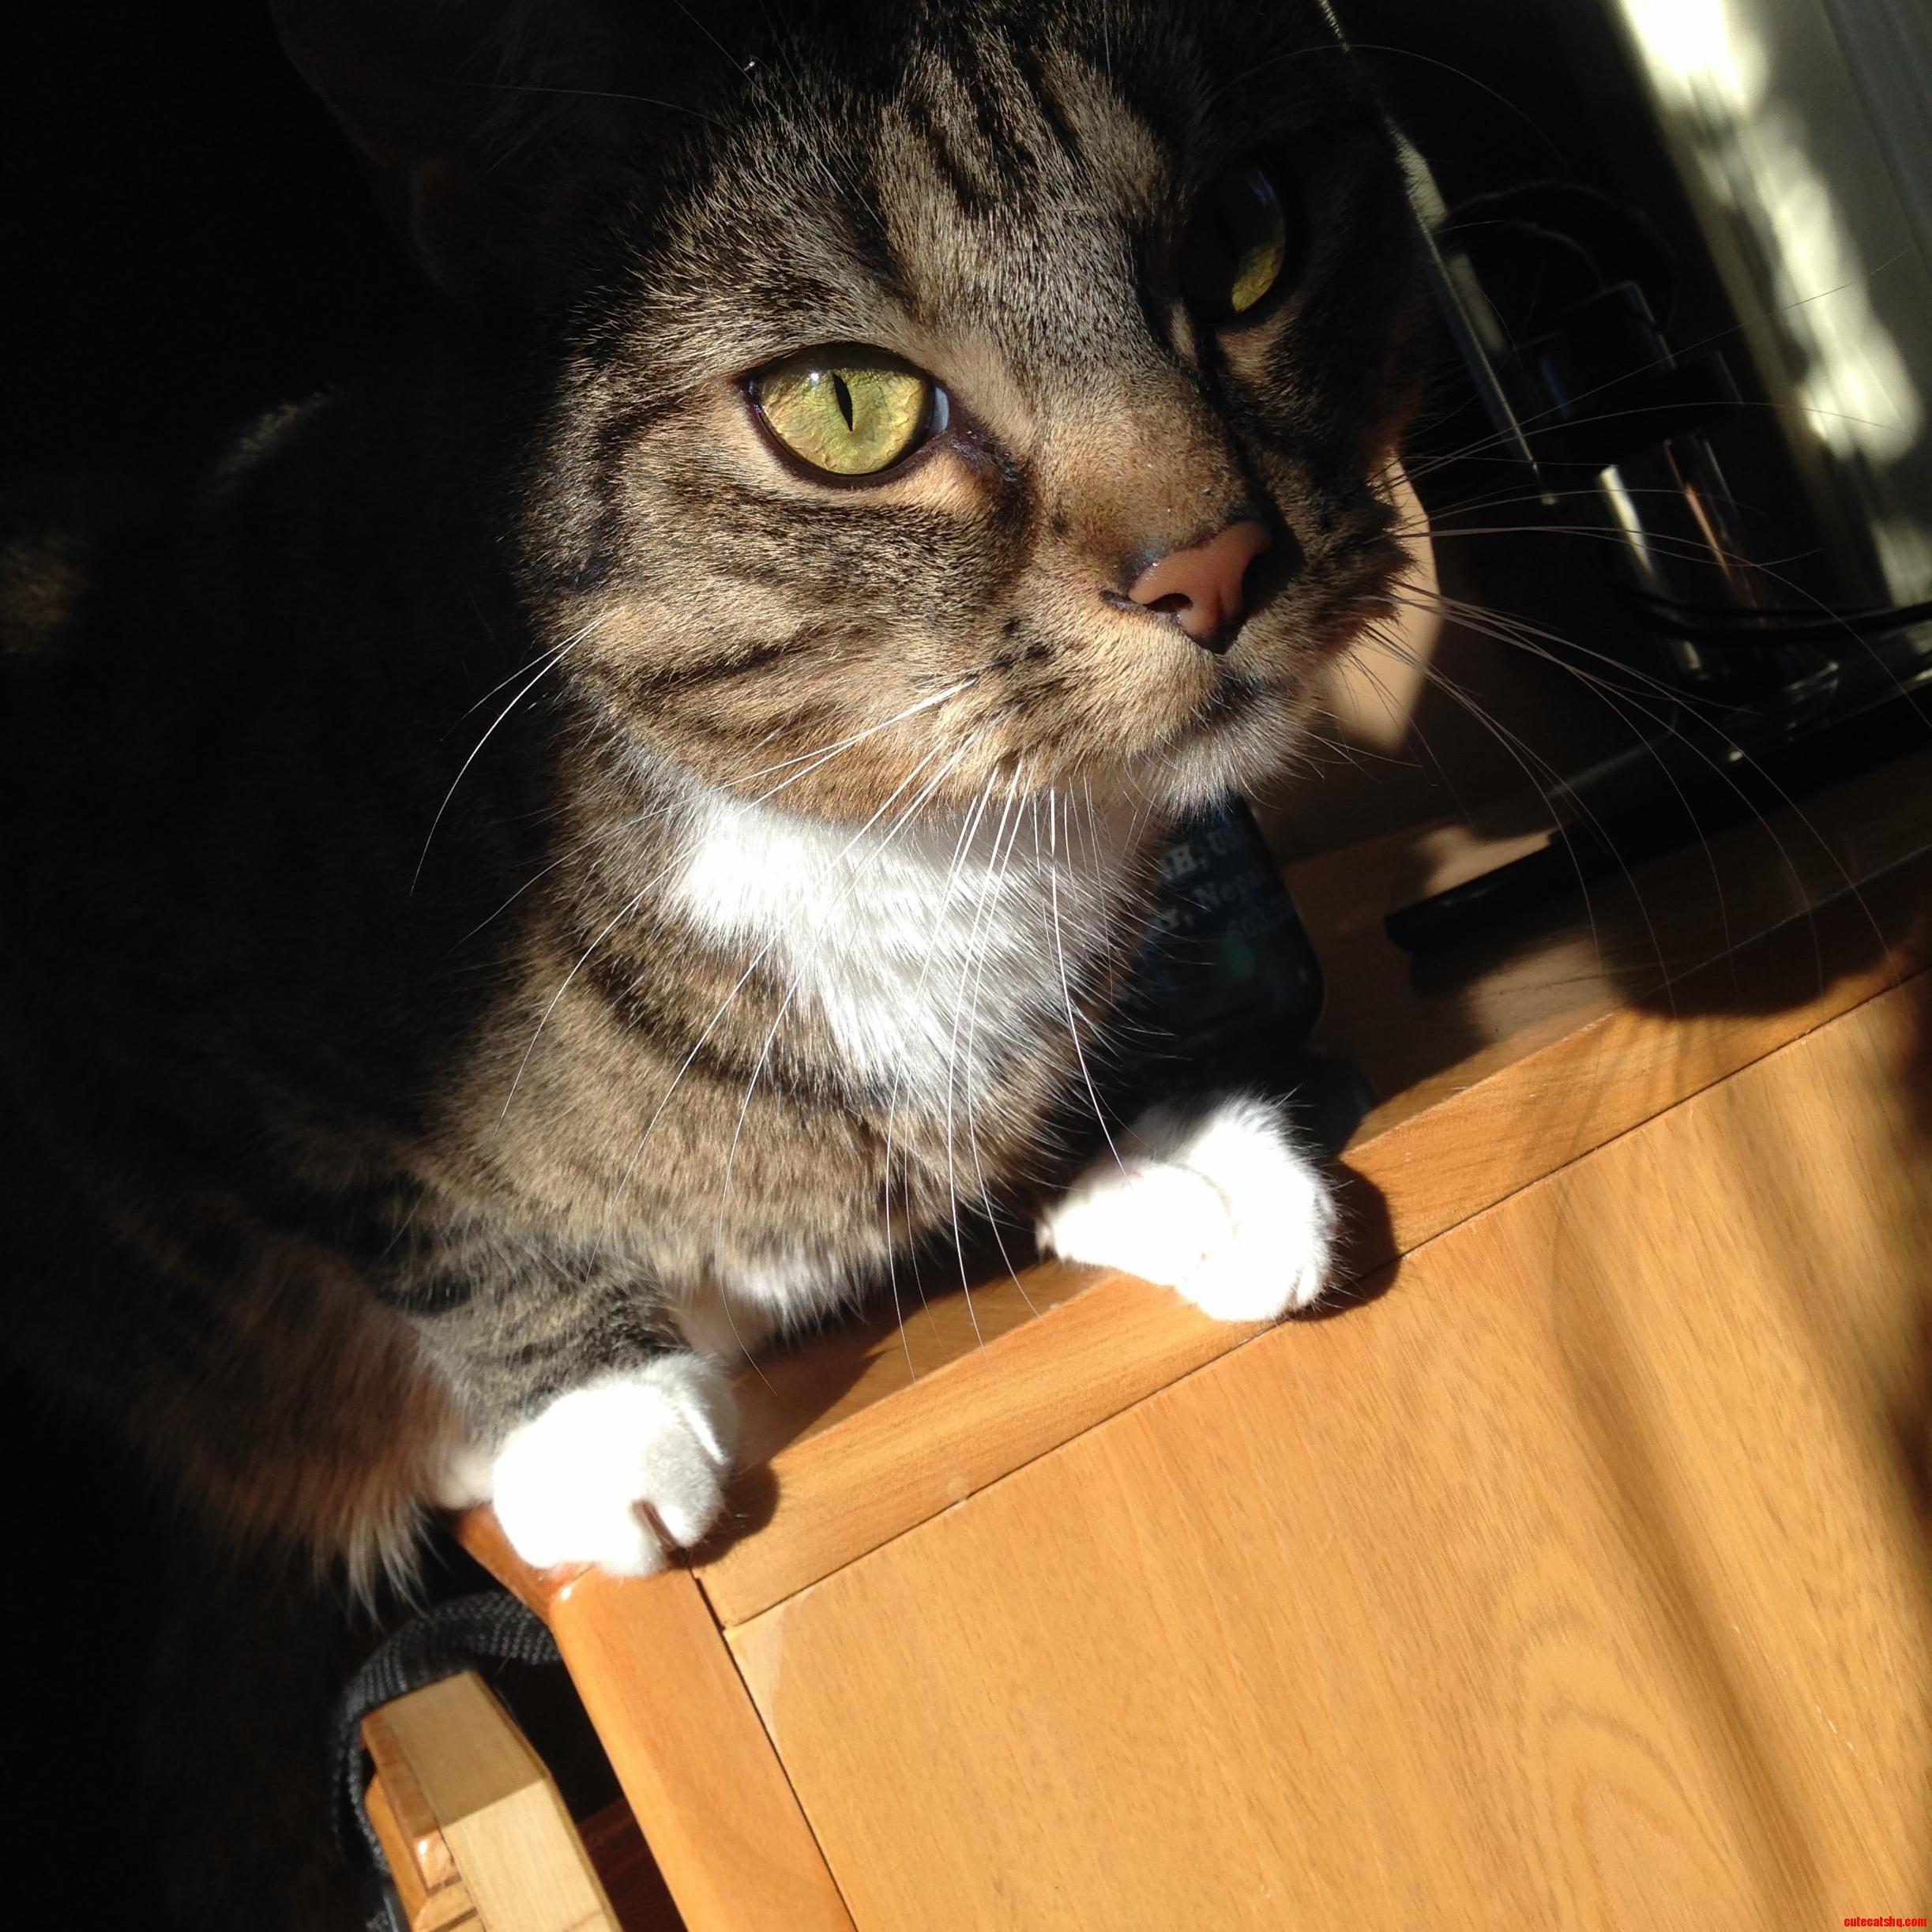 Sad sun cat